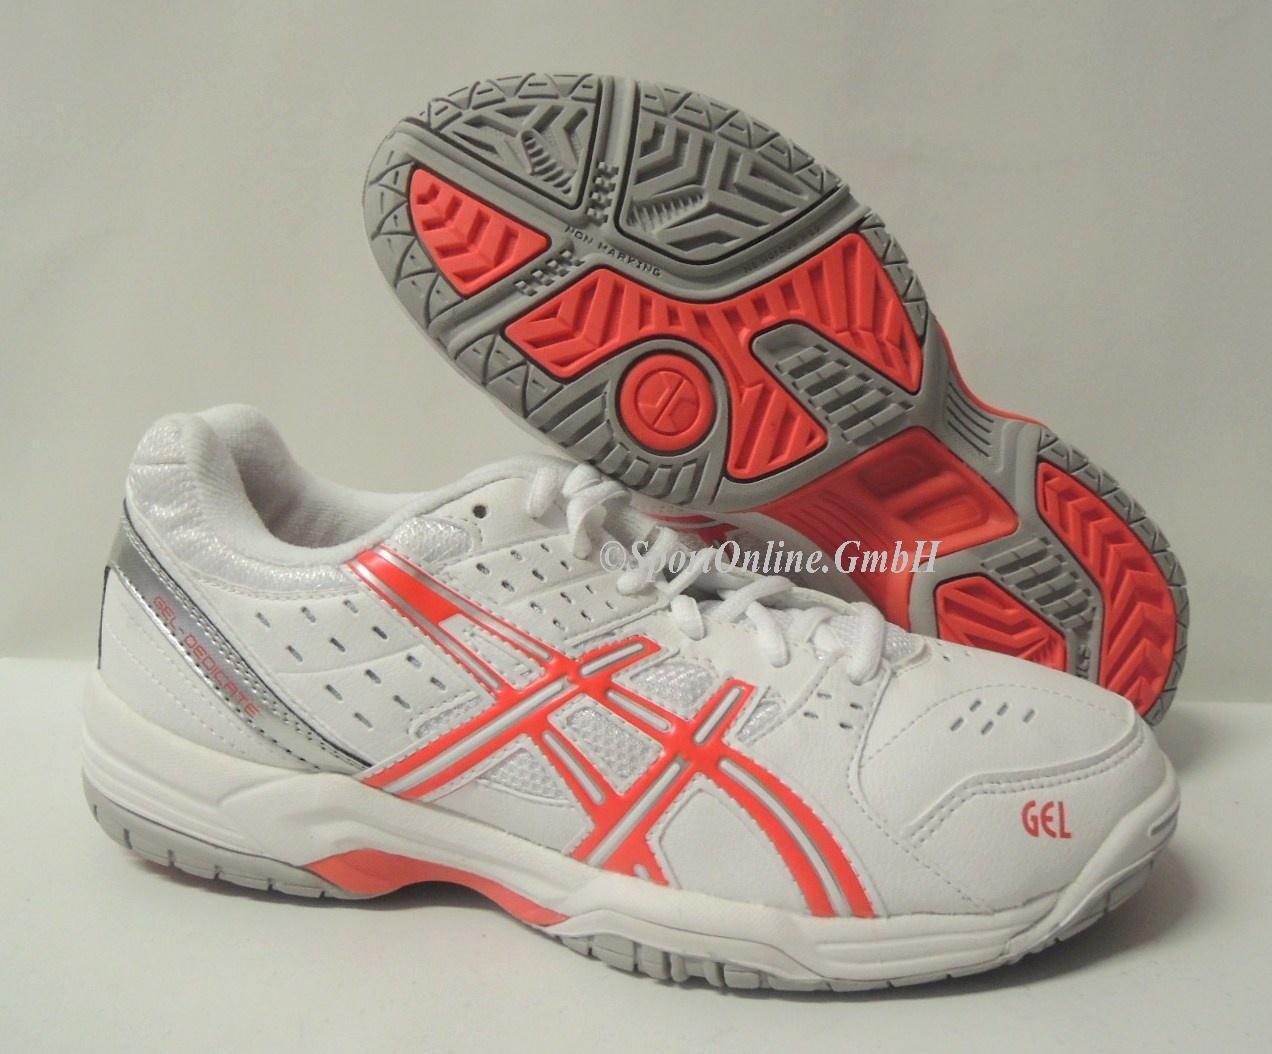 NEU Asics Gel Dedicate 3 3 3 damen Gr. 39,5 Tennisschuhe Tennis Schuhe E358Y-0121    Vielfältiges neues Design    Gute Qualität    Erlesene Materialien  968464